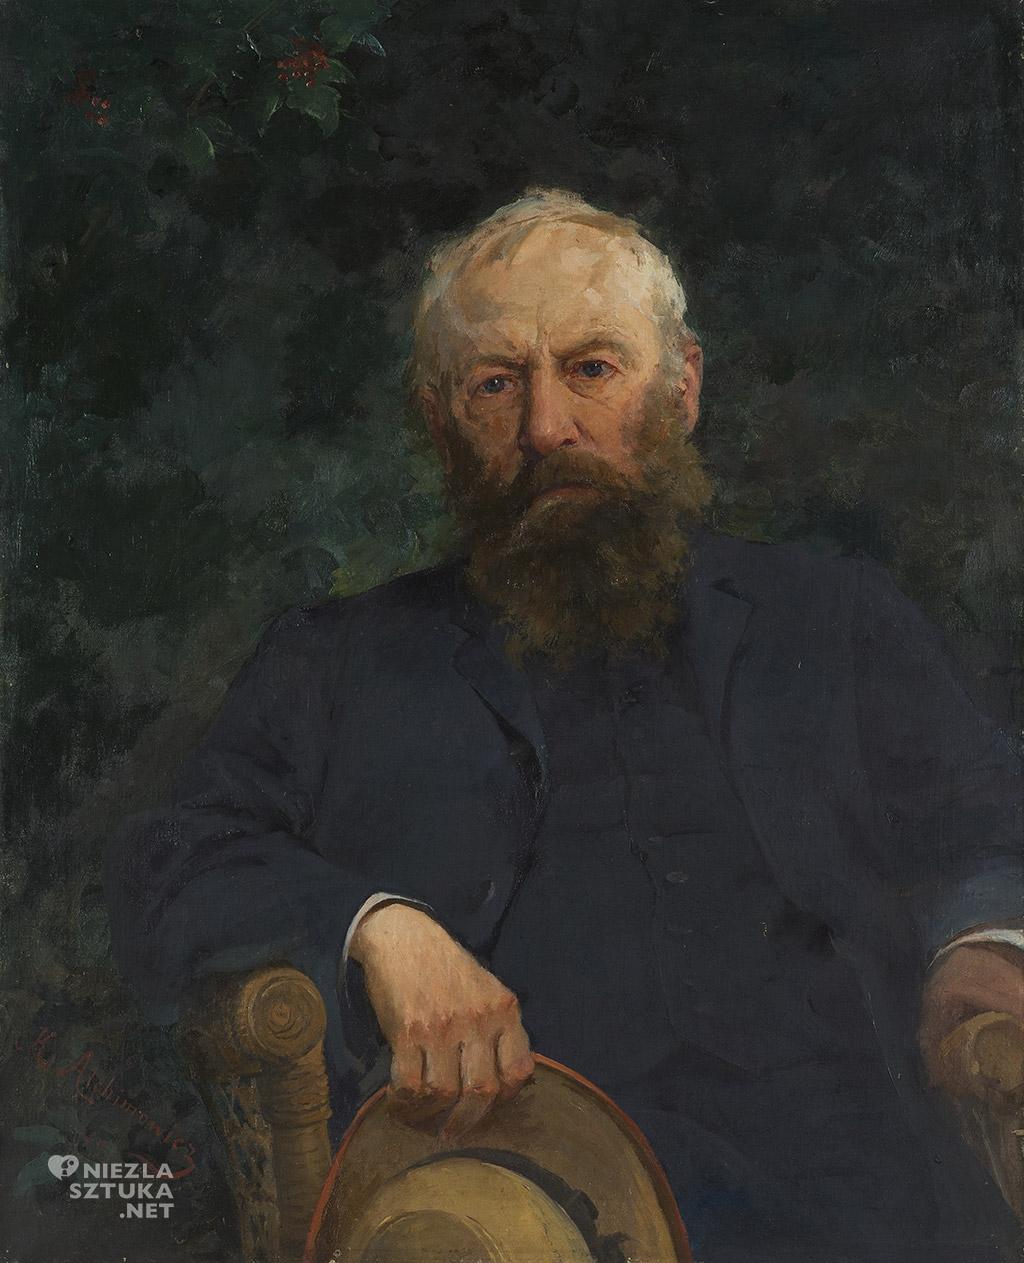 Kazimierz Alchimowicz, Portret Józefa Chełmońskiego, sztuka polska, malarstwo polskie, Niezła sztuka